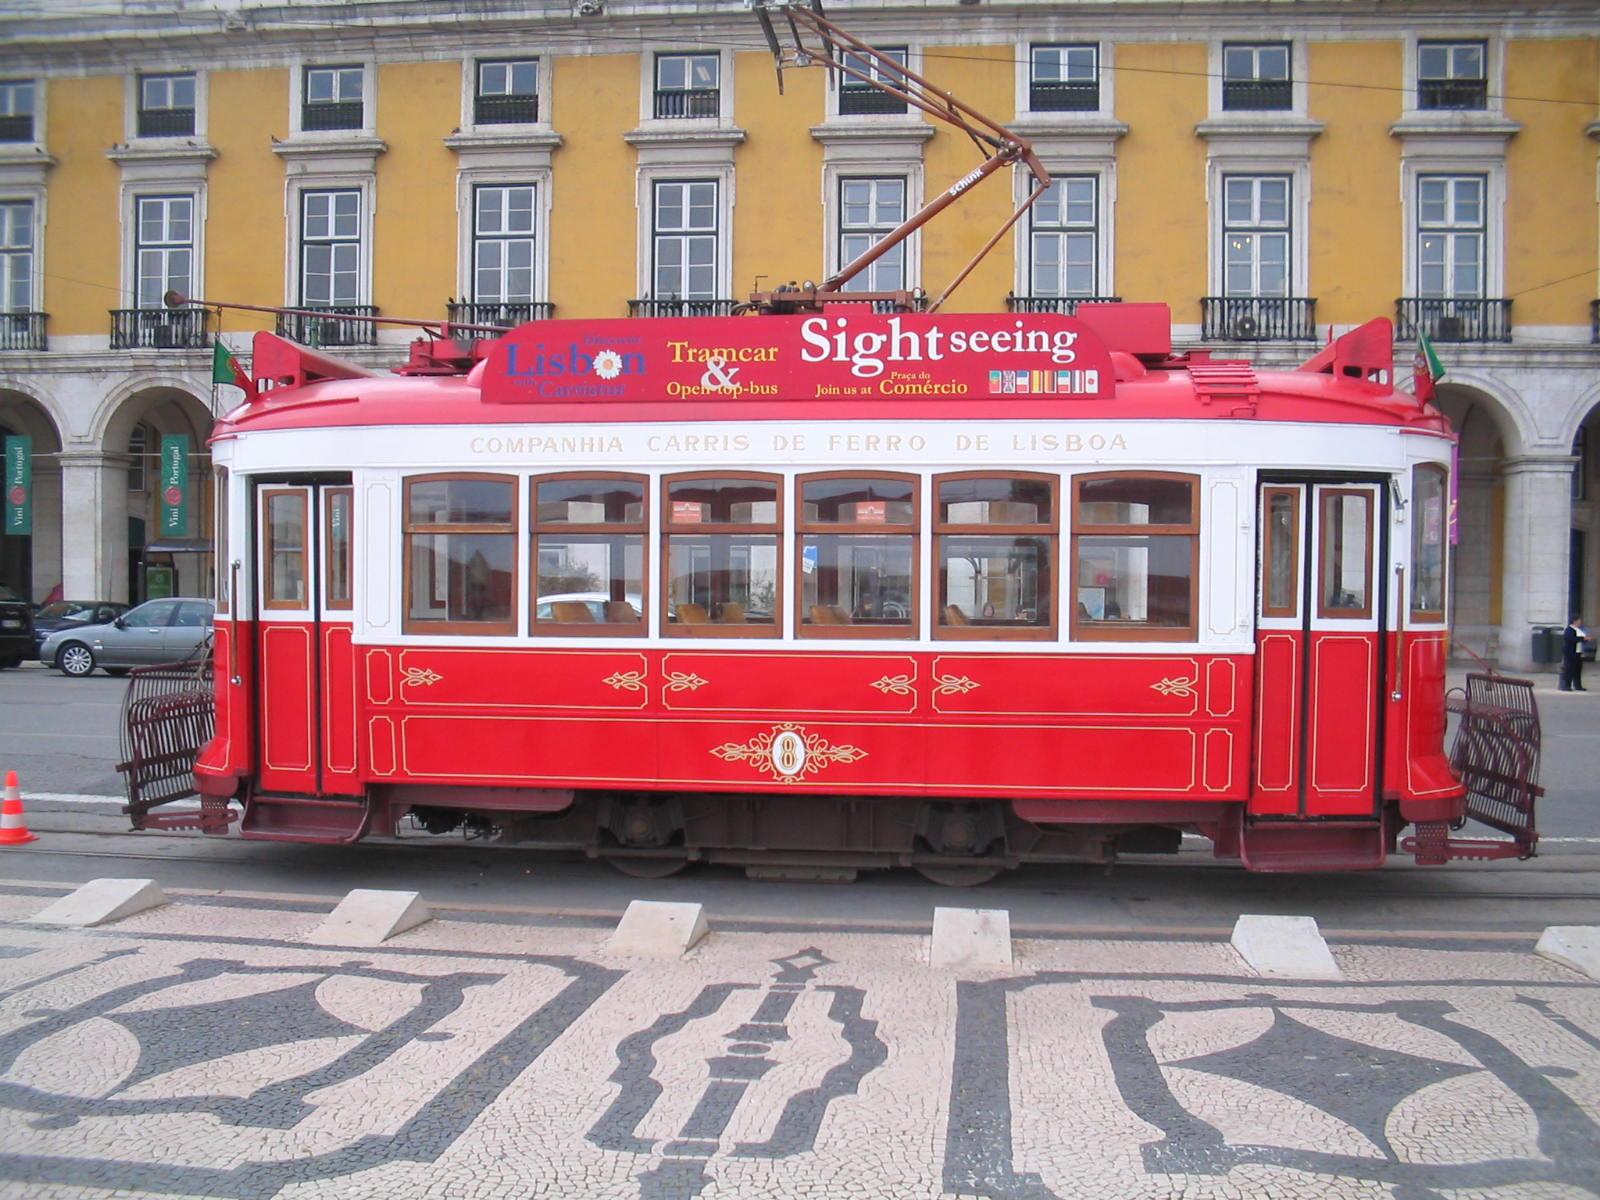 przejażdżka tramwajem po Lizbonie